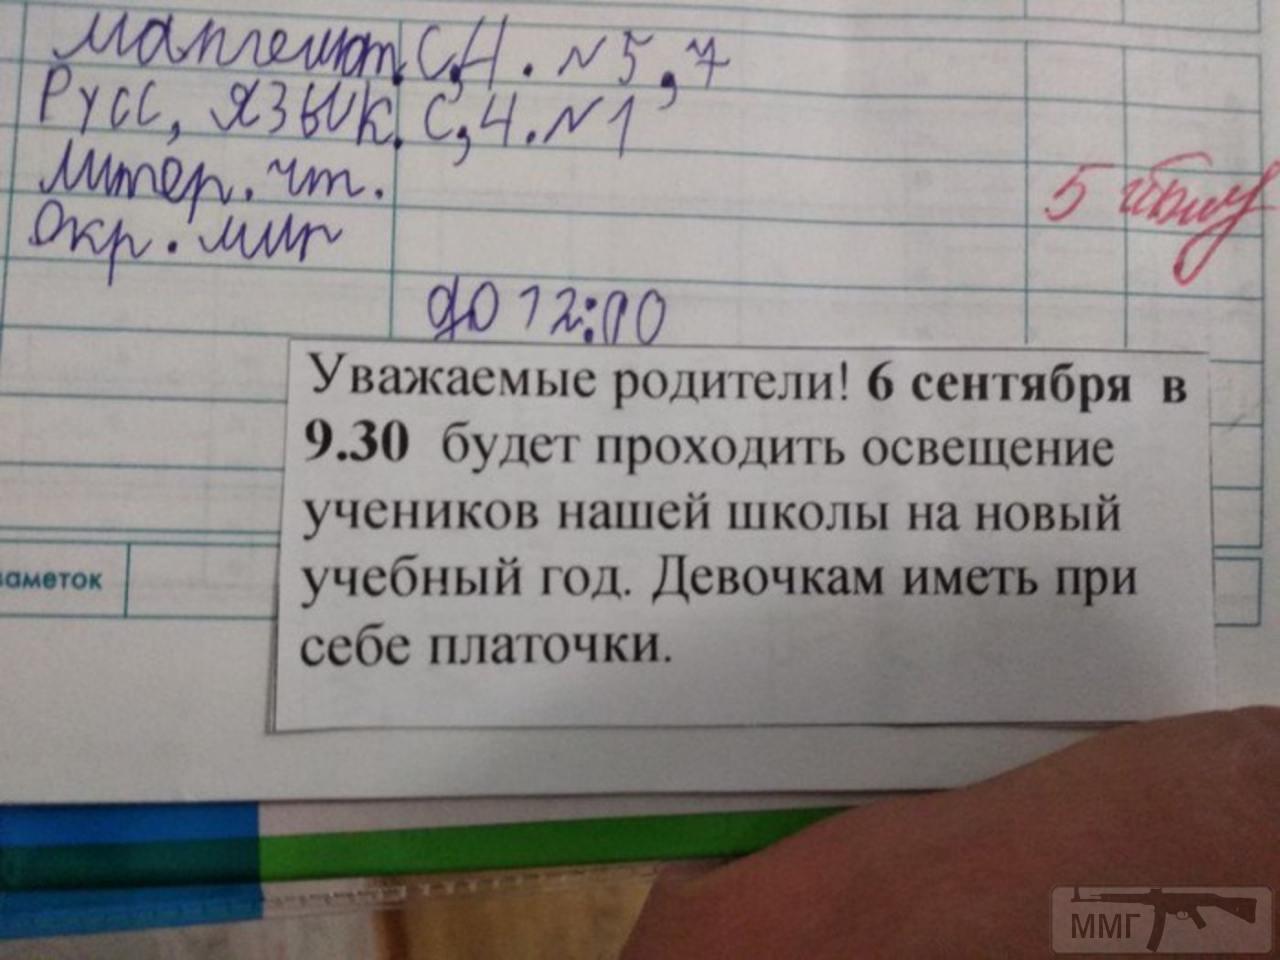 73802 - А в России чудеса!